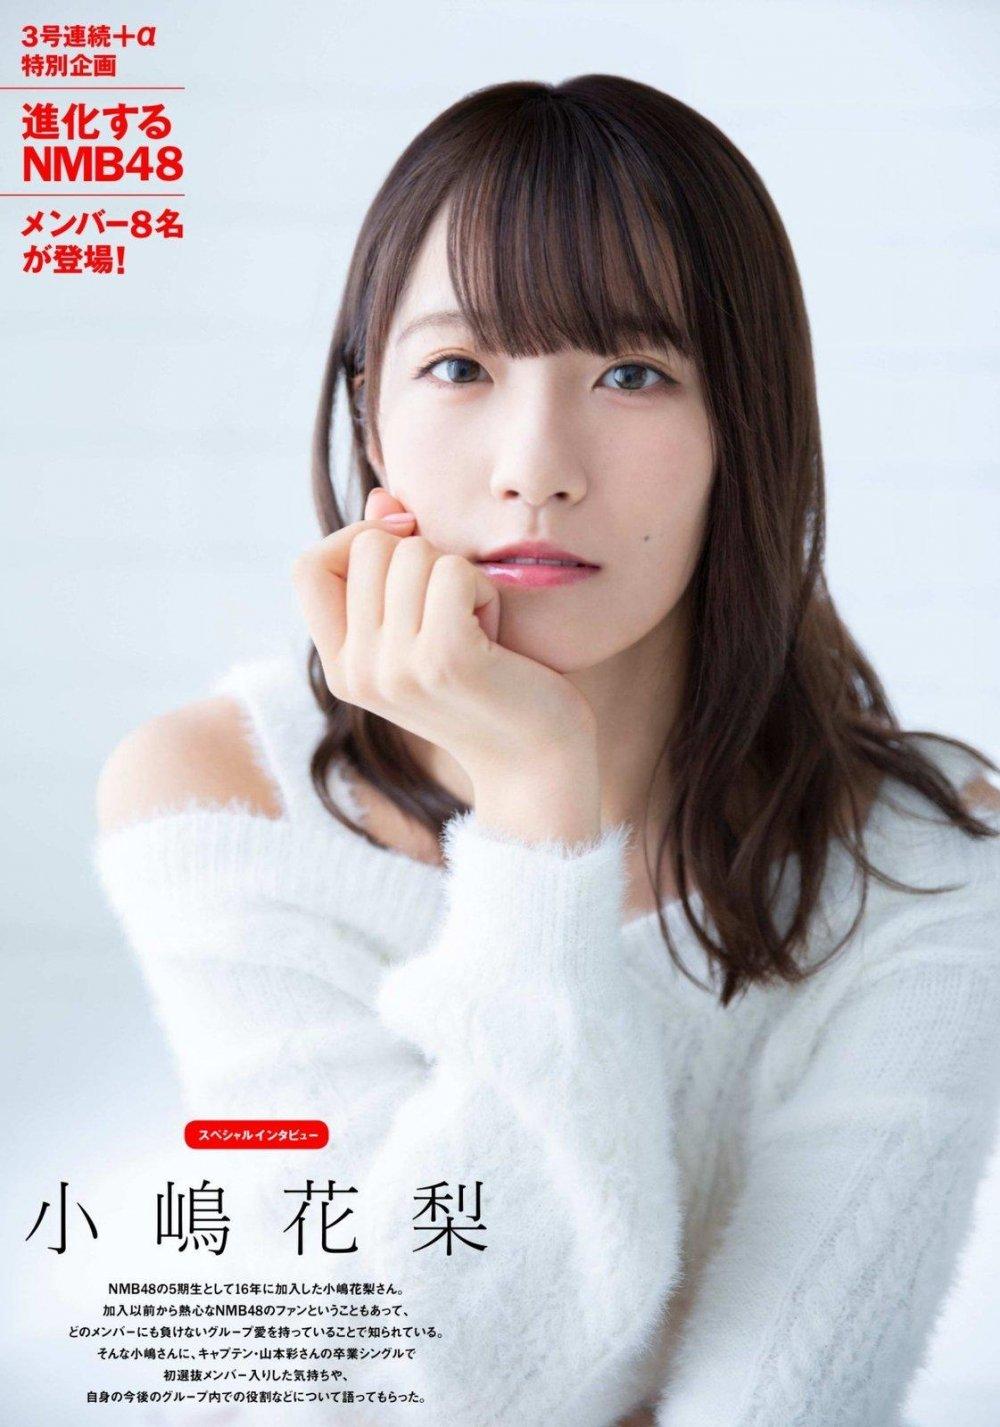 日本清纯氧气美女御姐私房女优激情写真图片